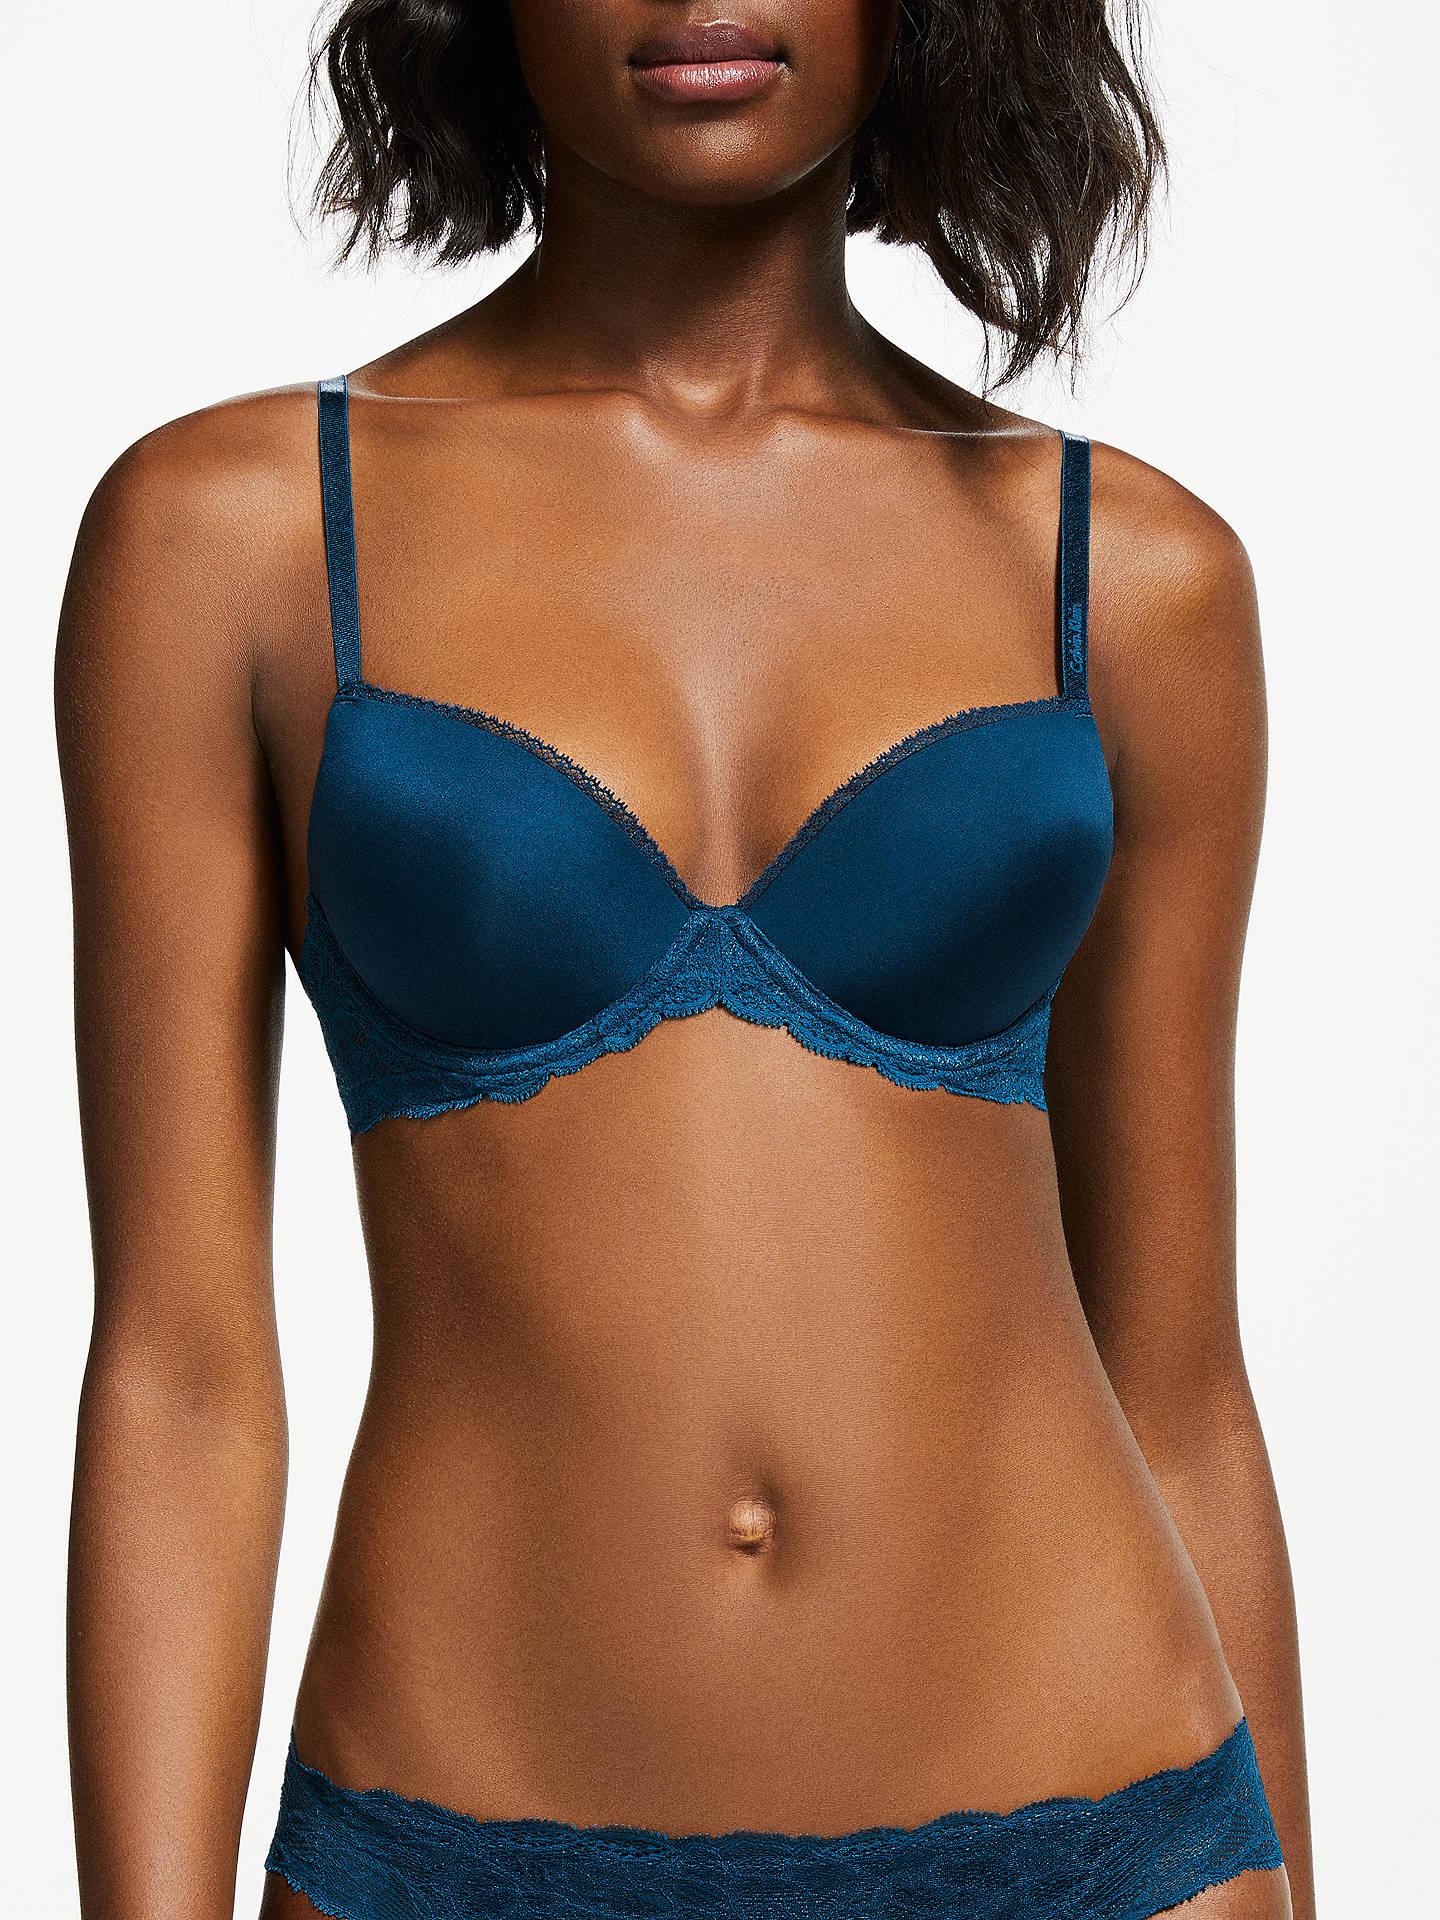 b67eb4f5e2 Buy Calvin Klein Underwear Seductive Comfort Demi Lift Bra